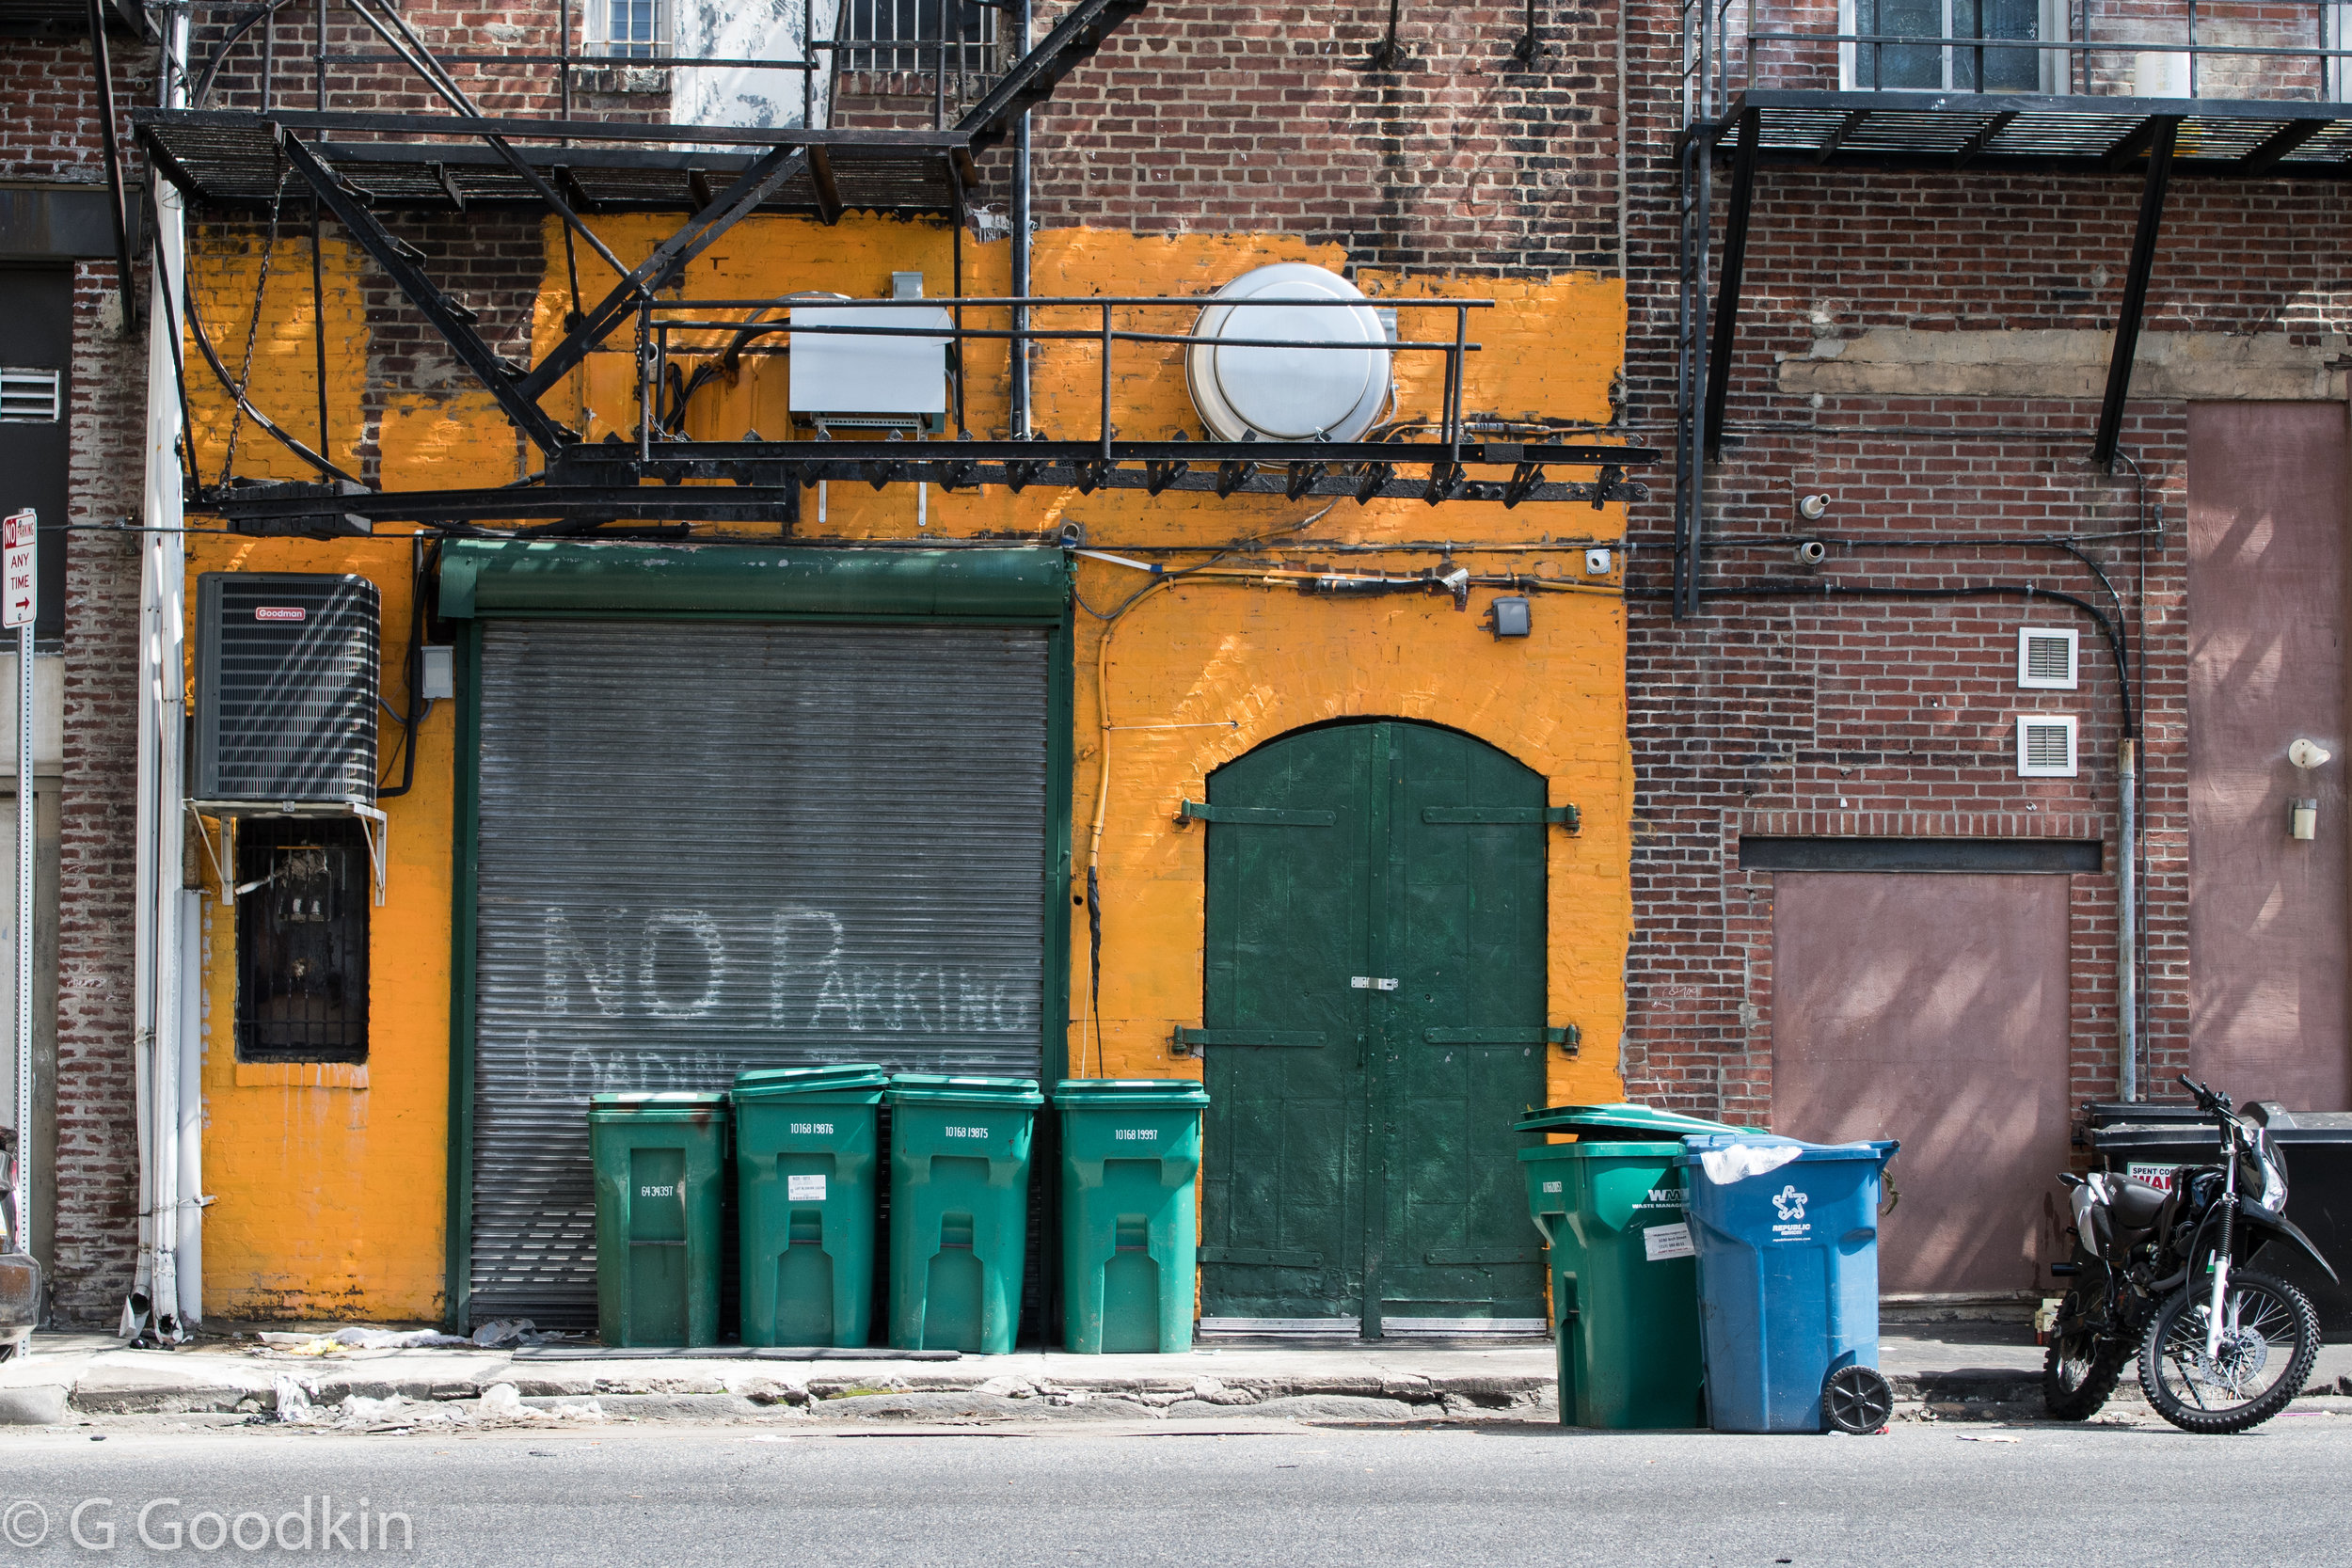 20170528_philadelphia_street-4.jpg